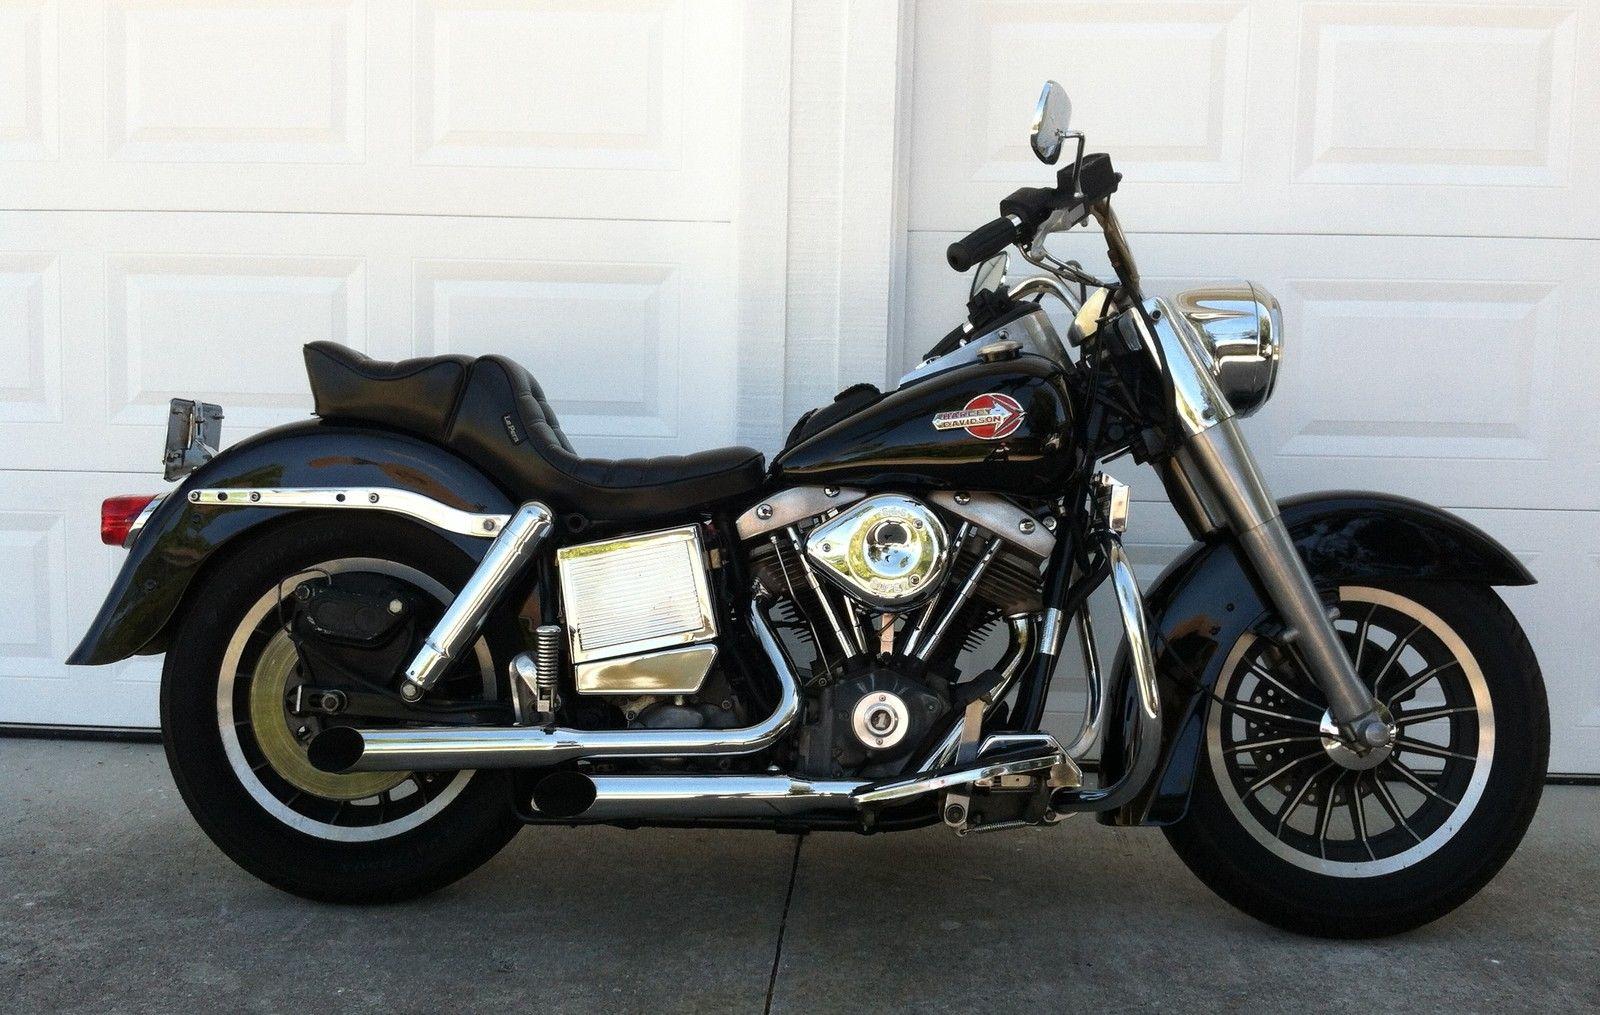 Harley Davidson Melbourne Price